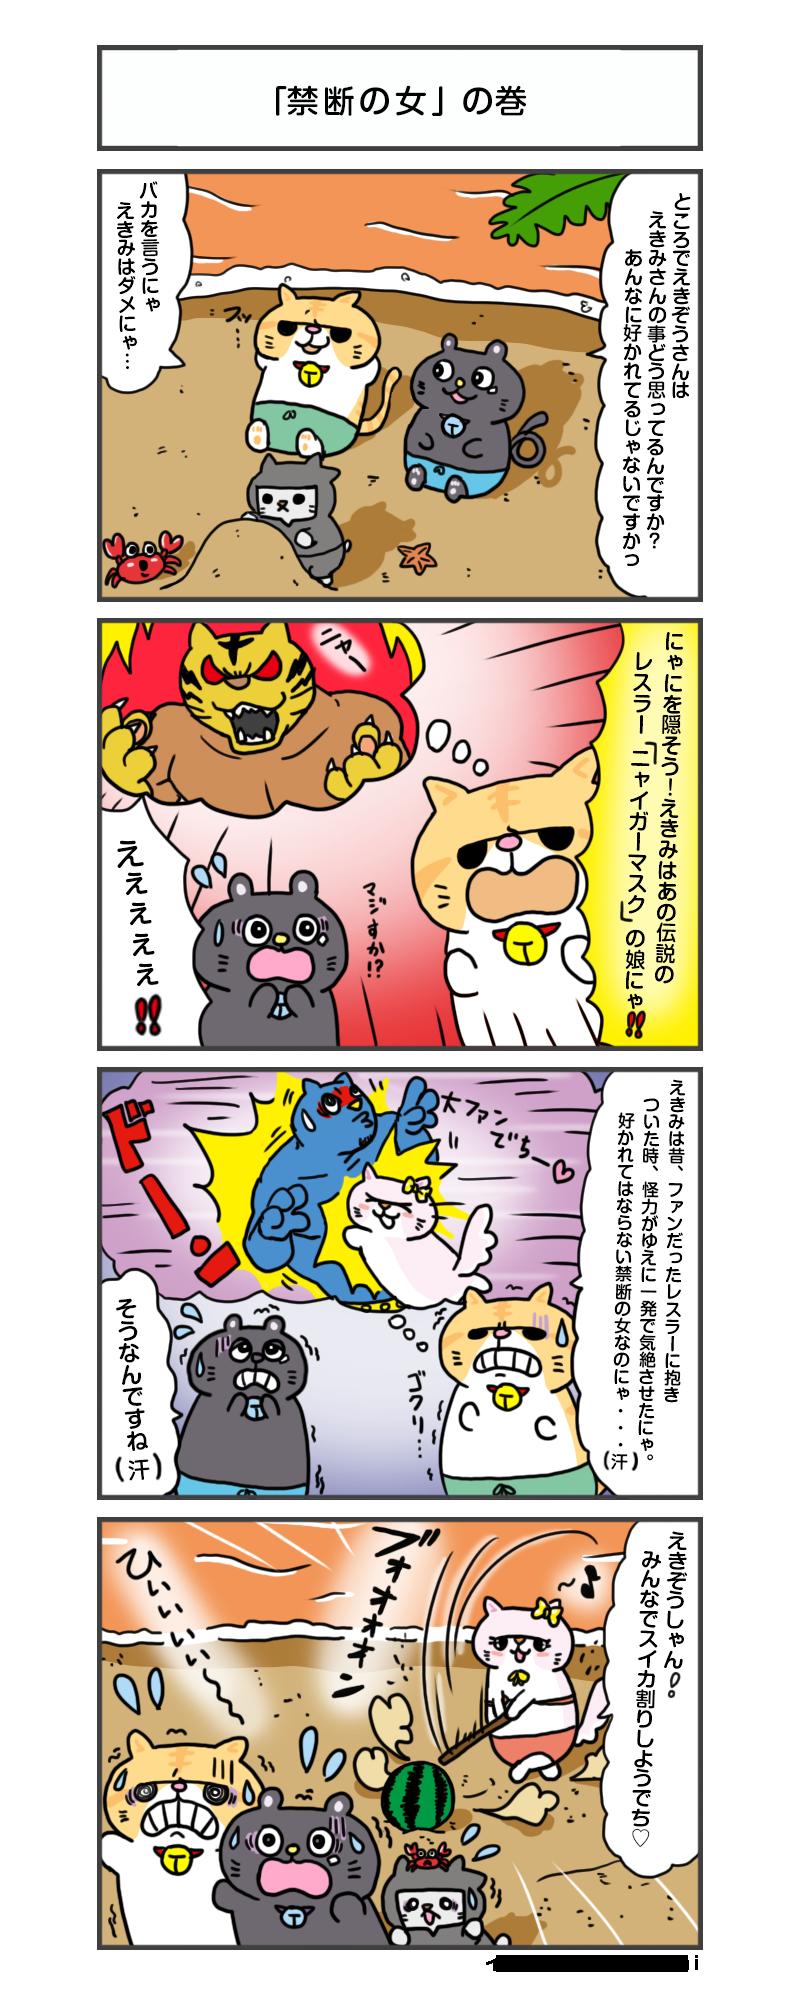 縺医″縺昴y縺・anga_vol.52